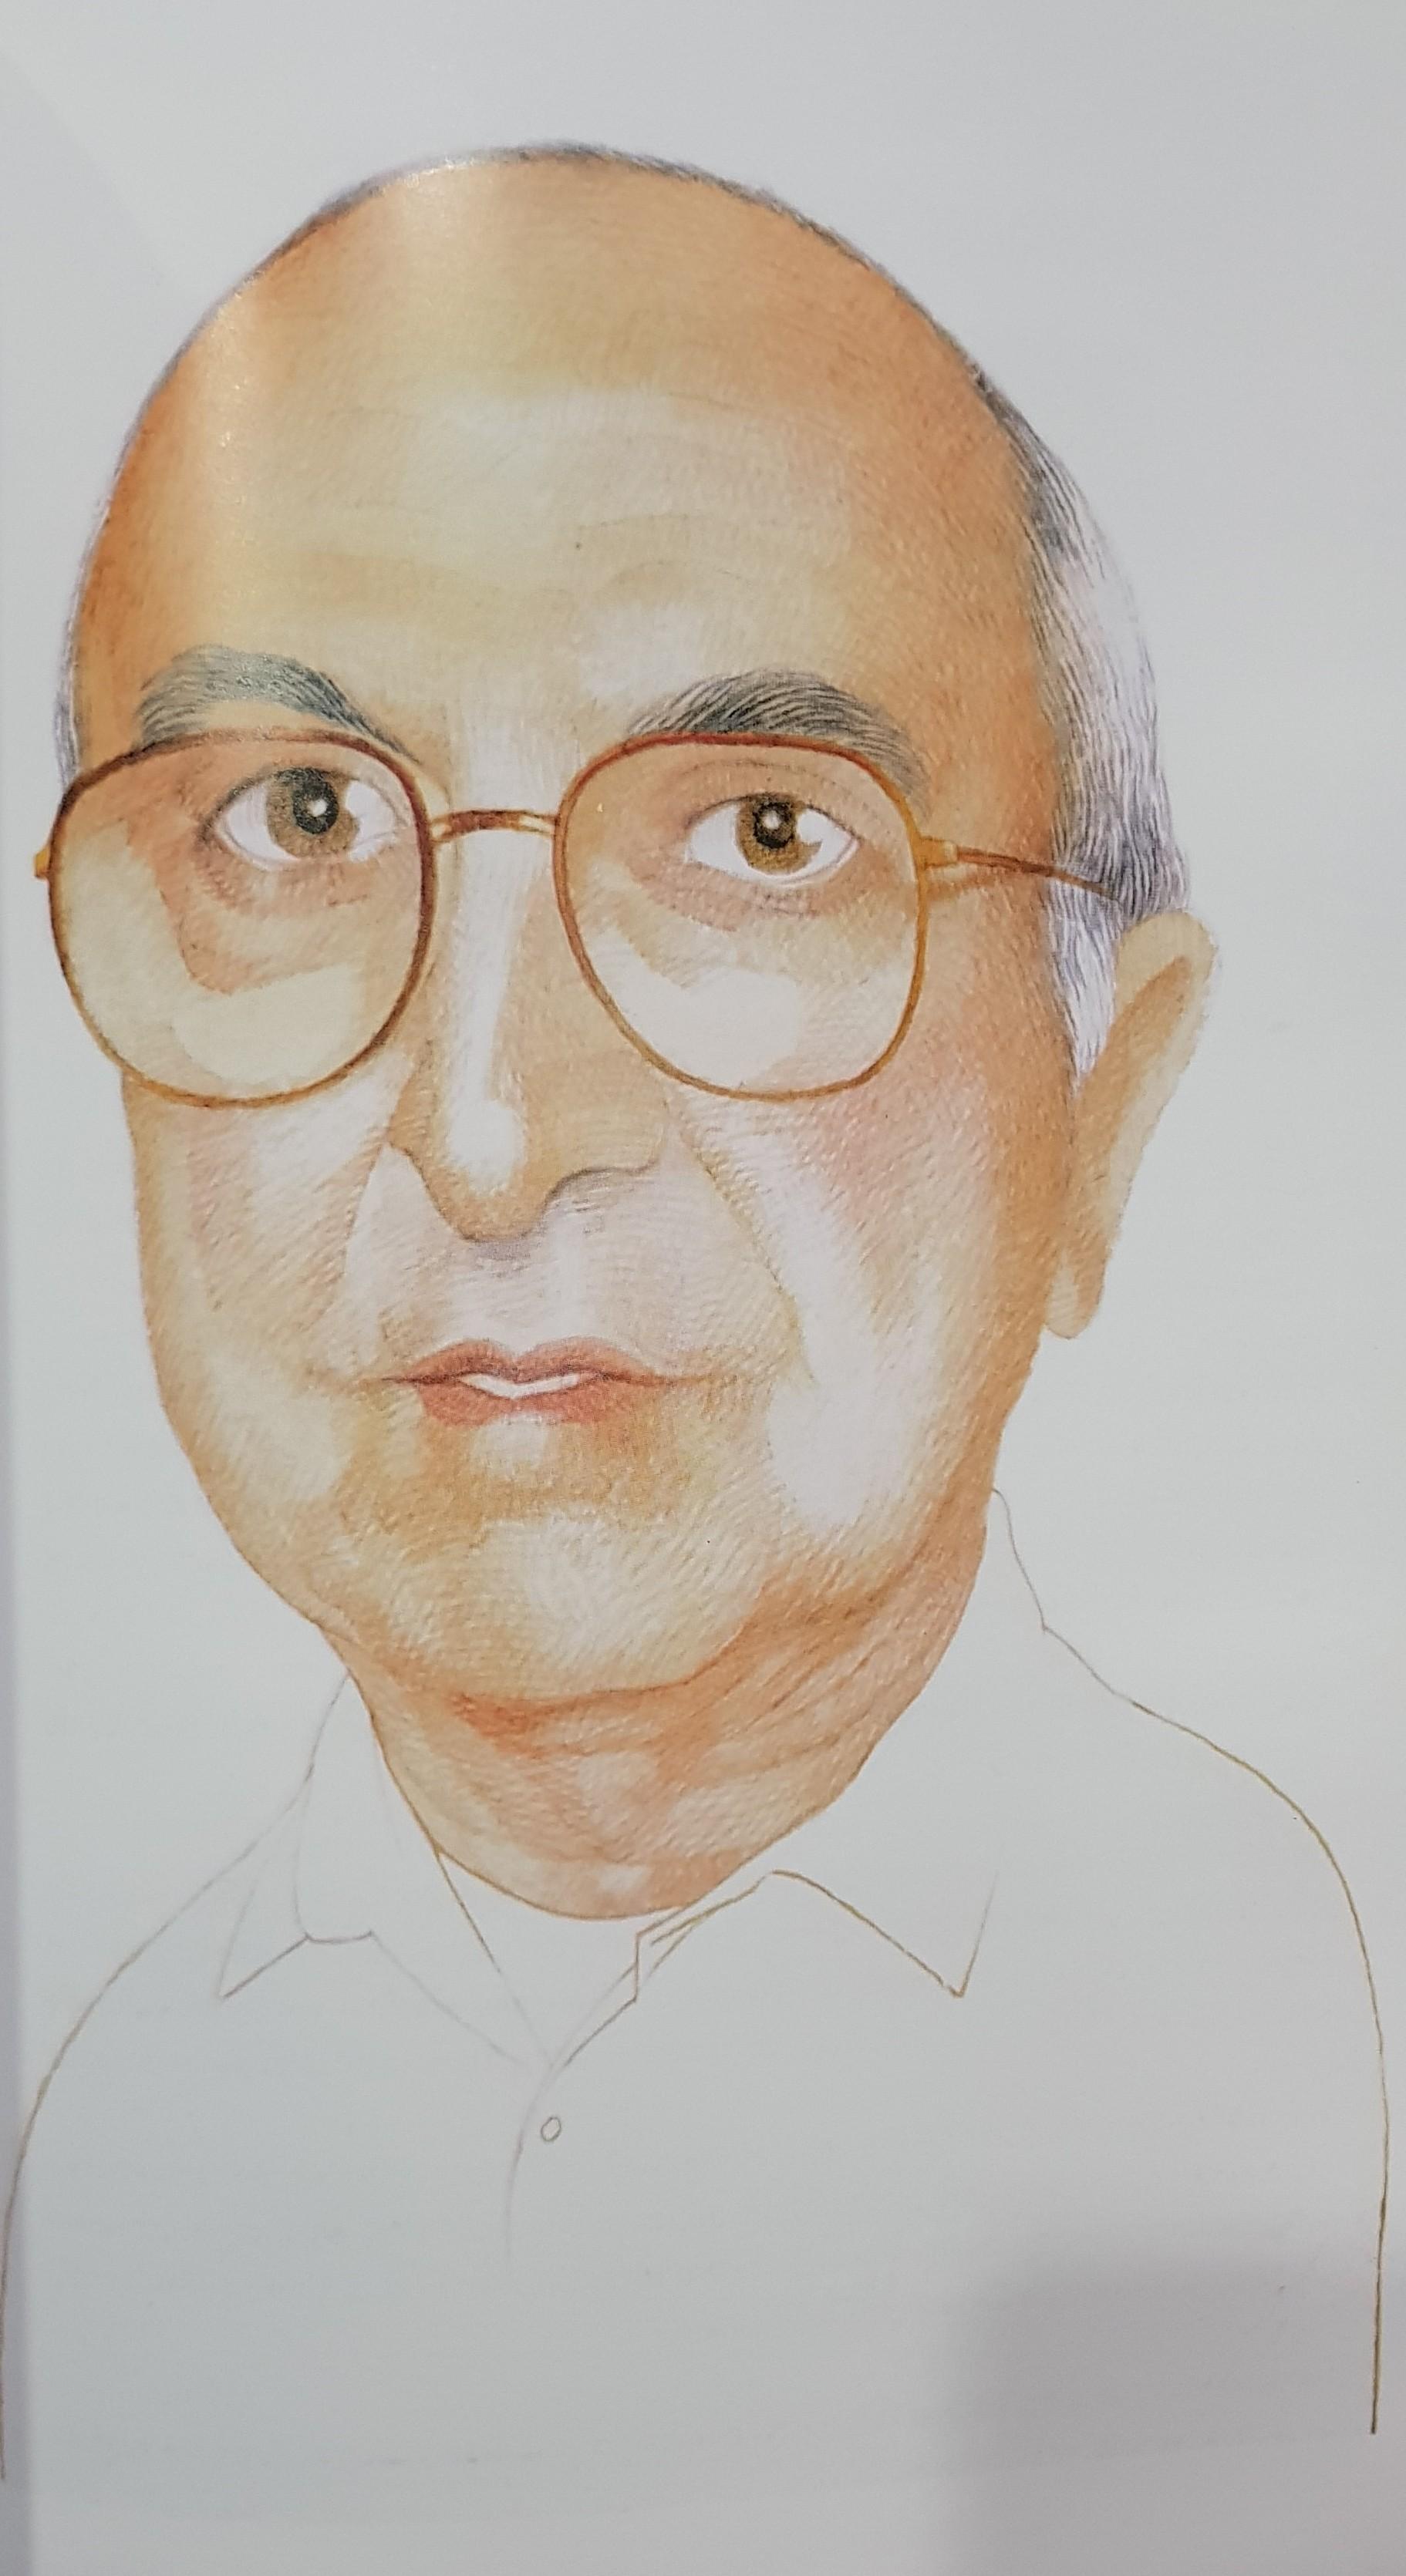 DR. XAVIER ABREU ECHÁNOVE